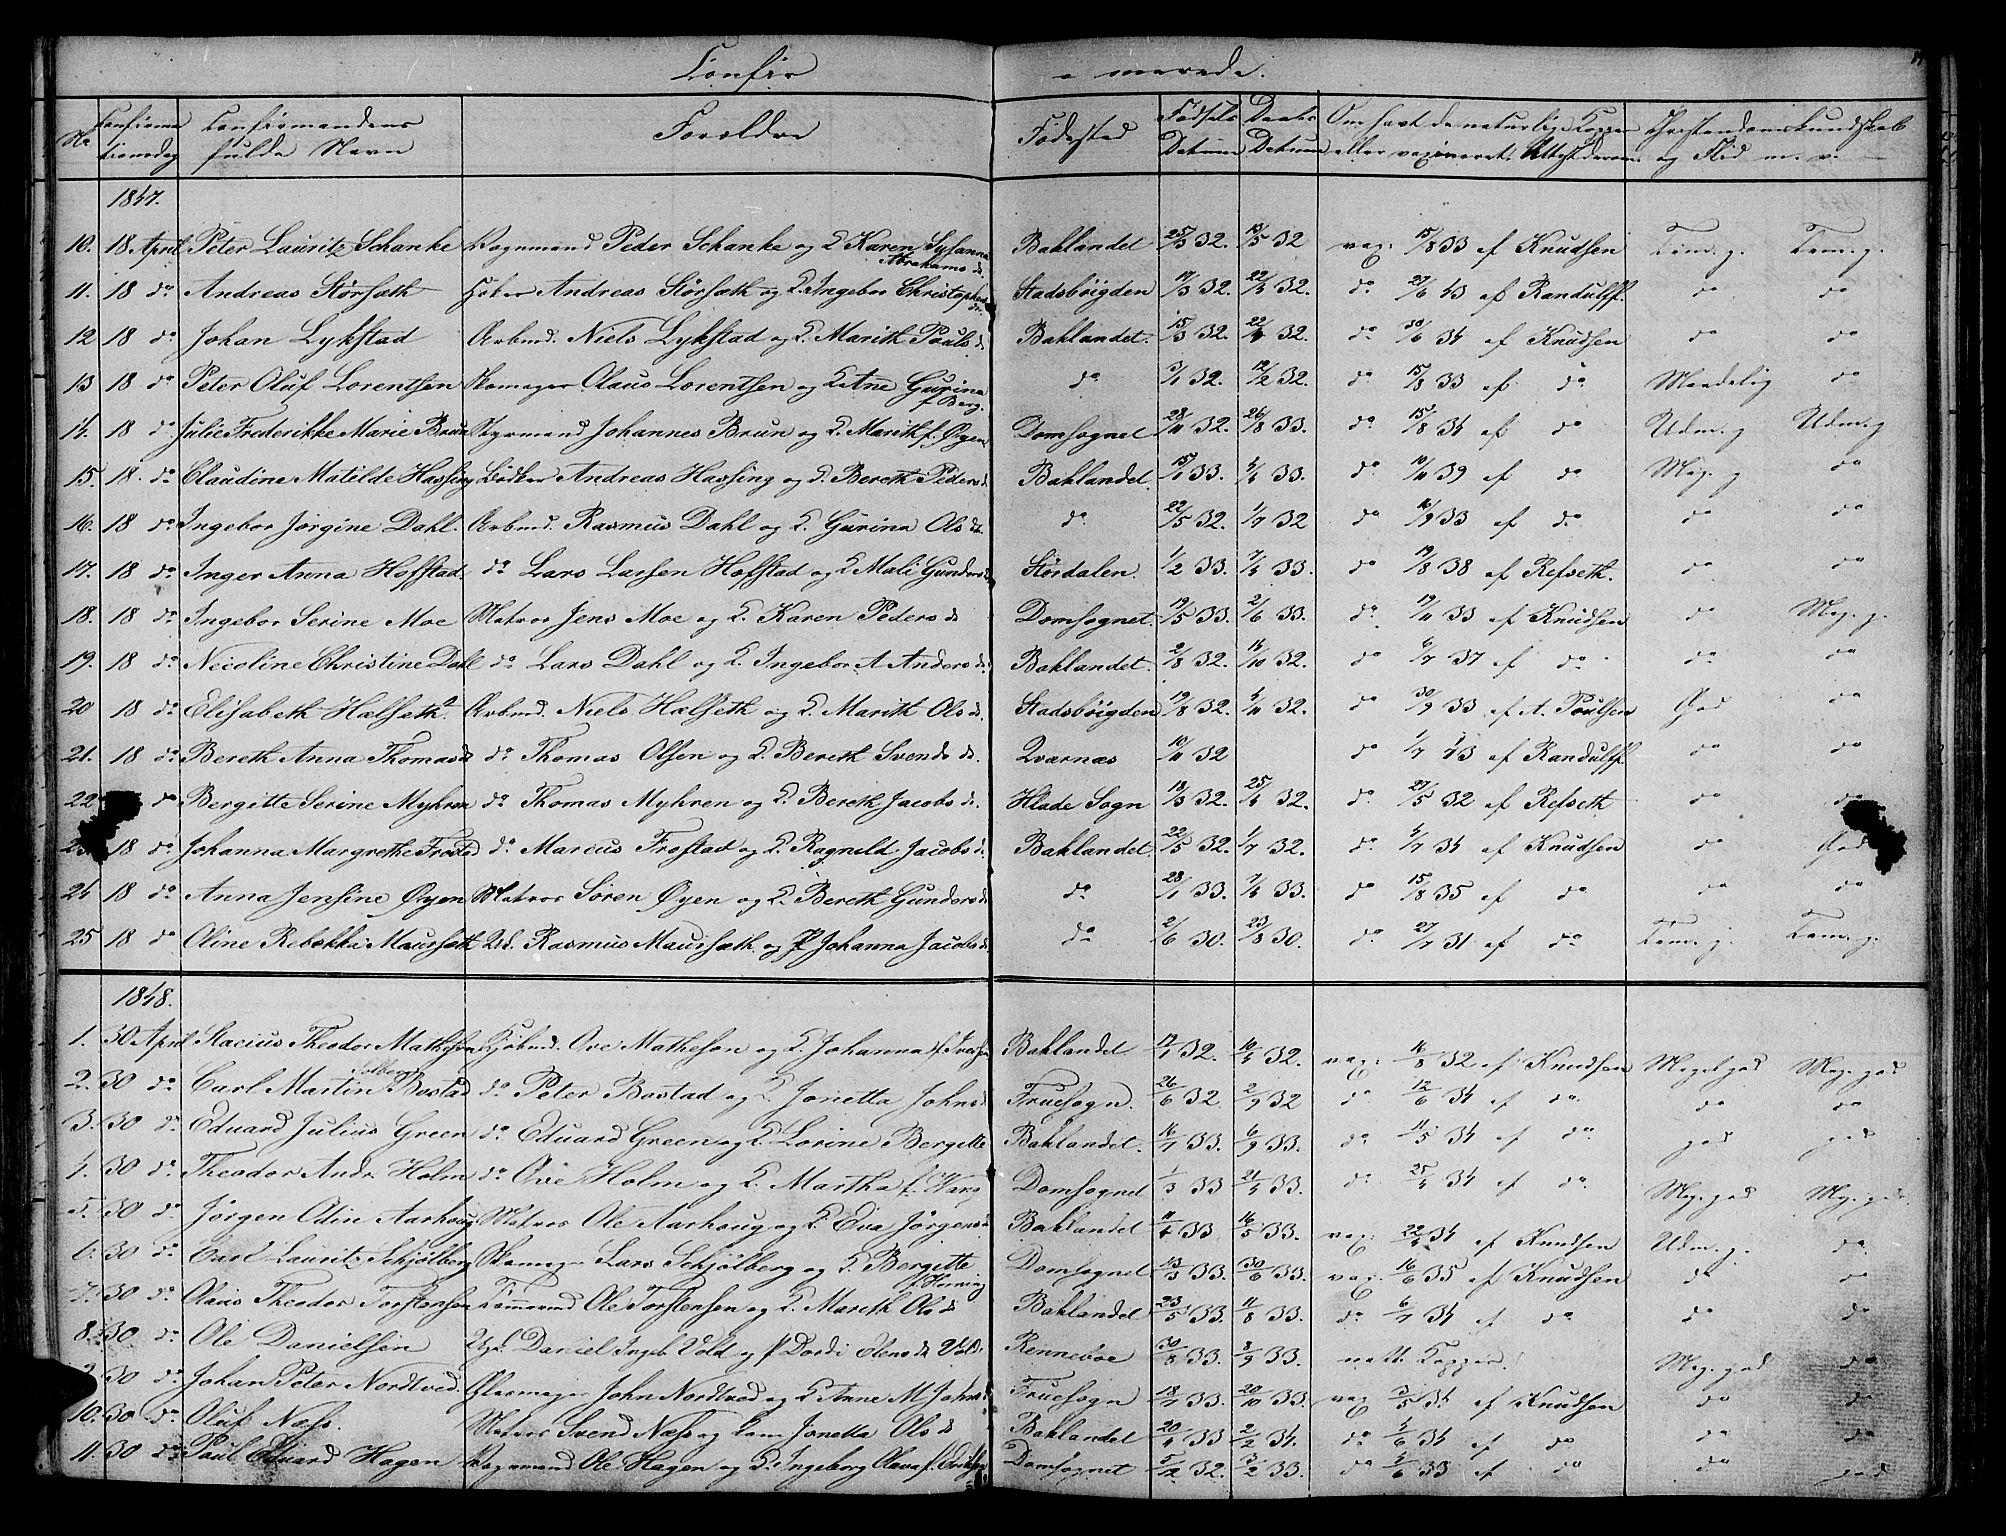 SAT, Ministerialprotokoller, klokkerbøker og fødselsregistre - Sør-Trøndelag, 604/L0182: Ministerialbok nr. 604A03, 1818-1850, s. 89